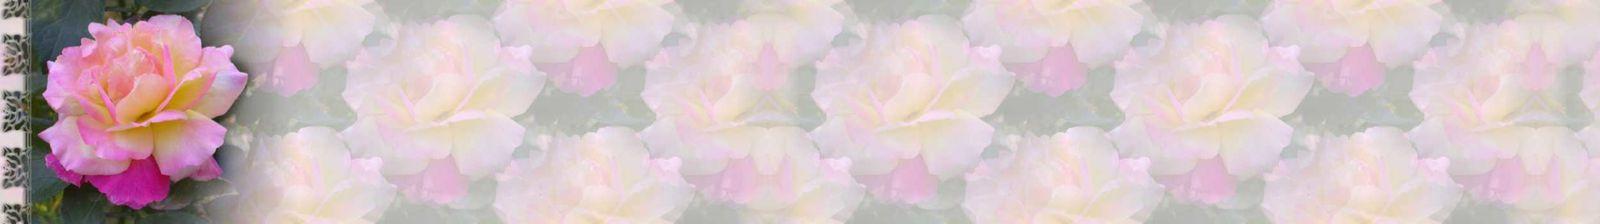 Rose rose sous la pluie Incredimail &amp&#x3B; Papier A4 h l &amp&#x3B; outlook &amp&#x3B; enveloppe &amp&#x3B; 2 cartes A5   rose_rose_0000_mp